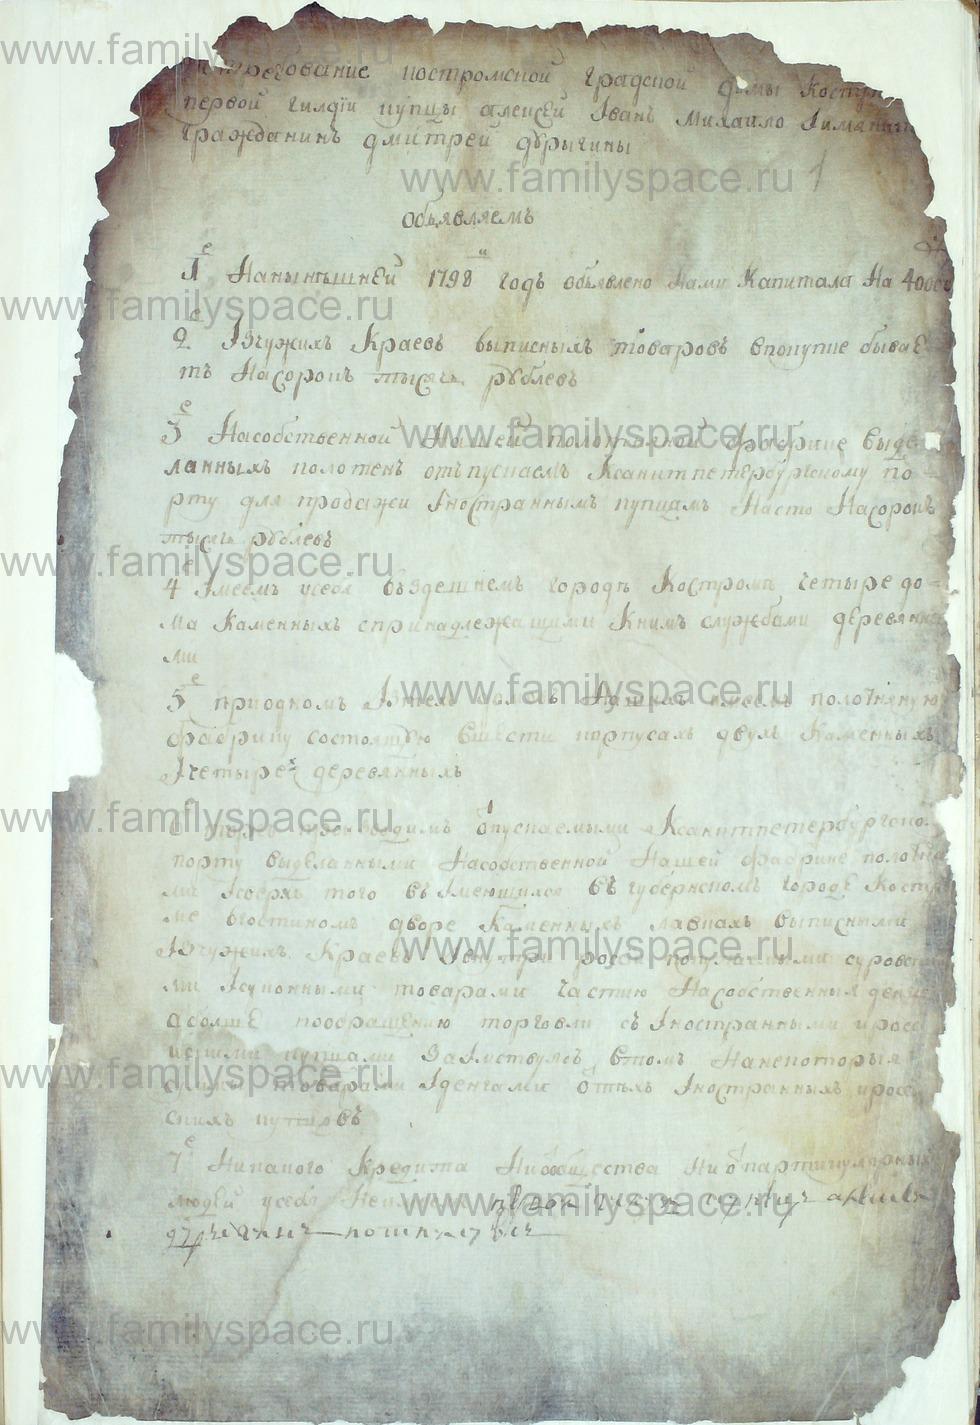 Поиск по фамилии - Сведения о купцах г. Кострома и их капиталах, страница 1